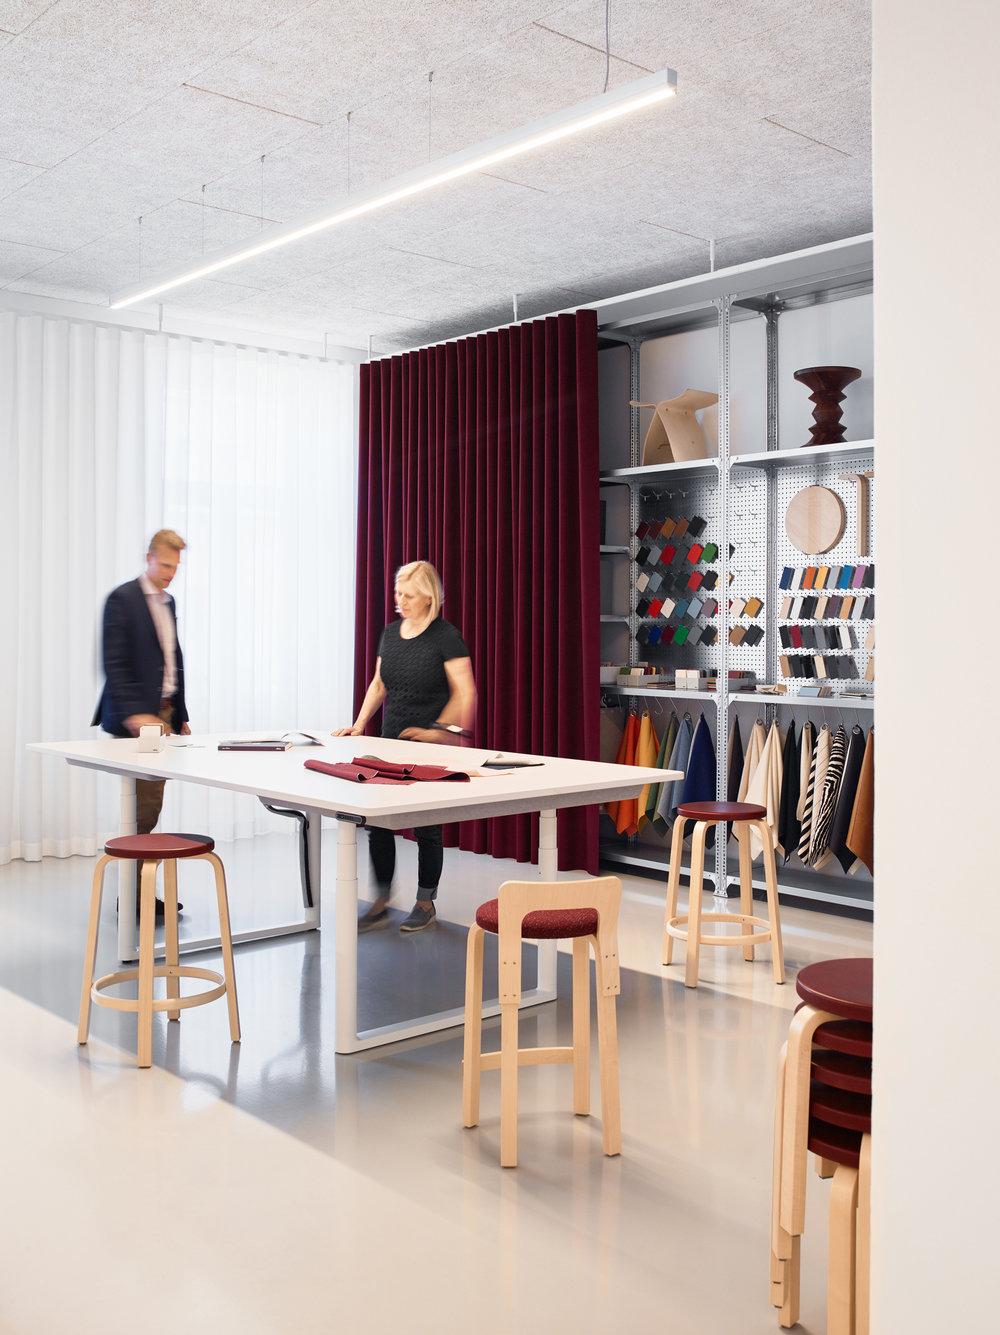 artek-office-helsinki-7.jpg